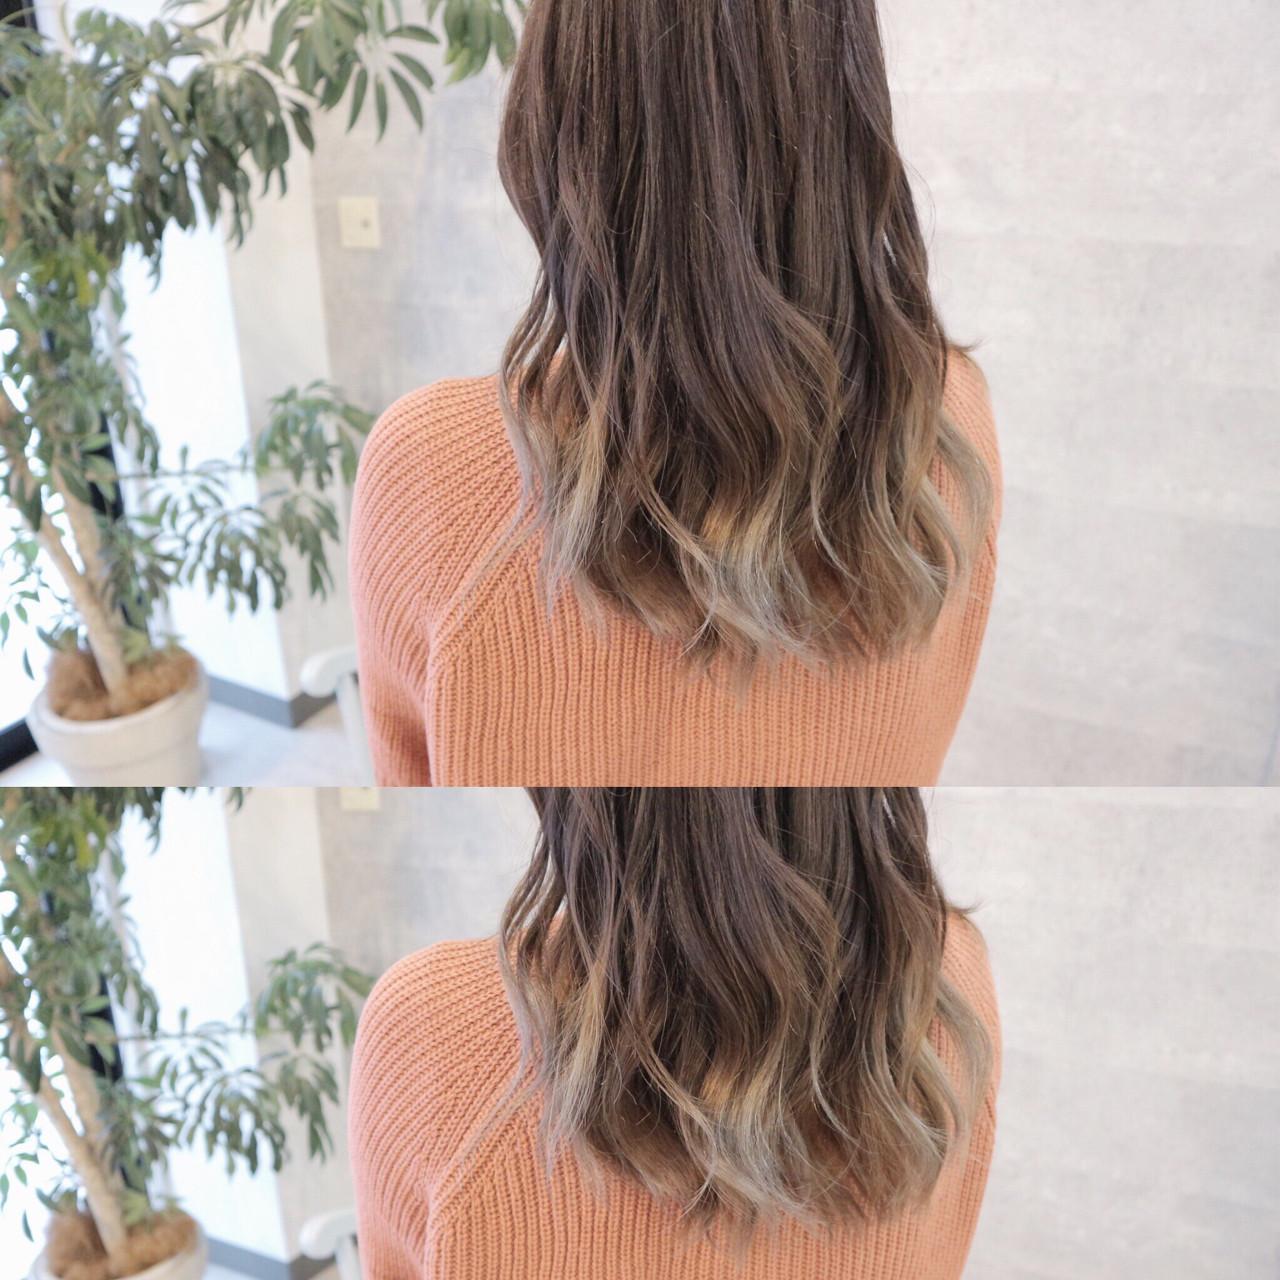 デート グラデーションカラー 愛され エレガント ヘアスタイルや髪型の写真・画像 | 桑村亮太/CALIF hair store / 函館/CALIF hair store/キャリフ ヘアストア